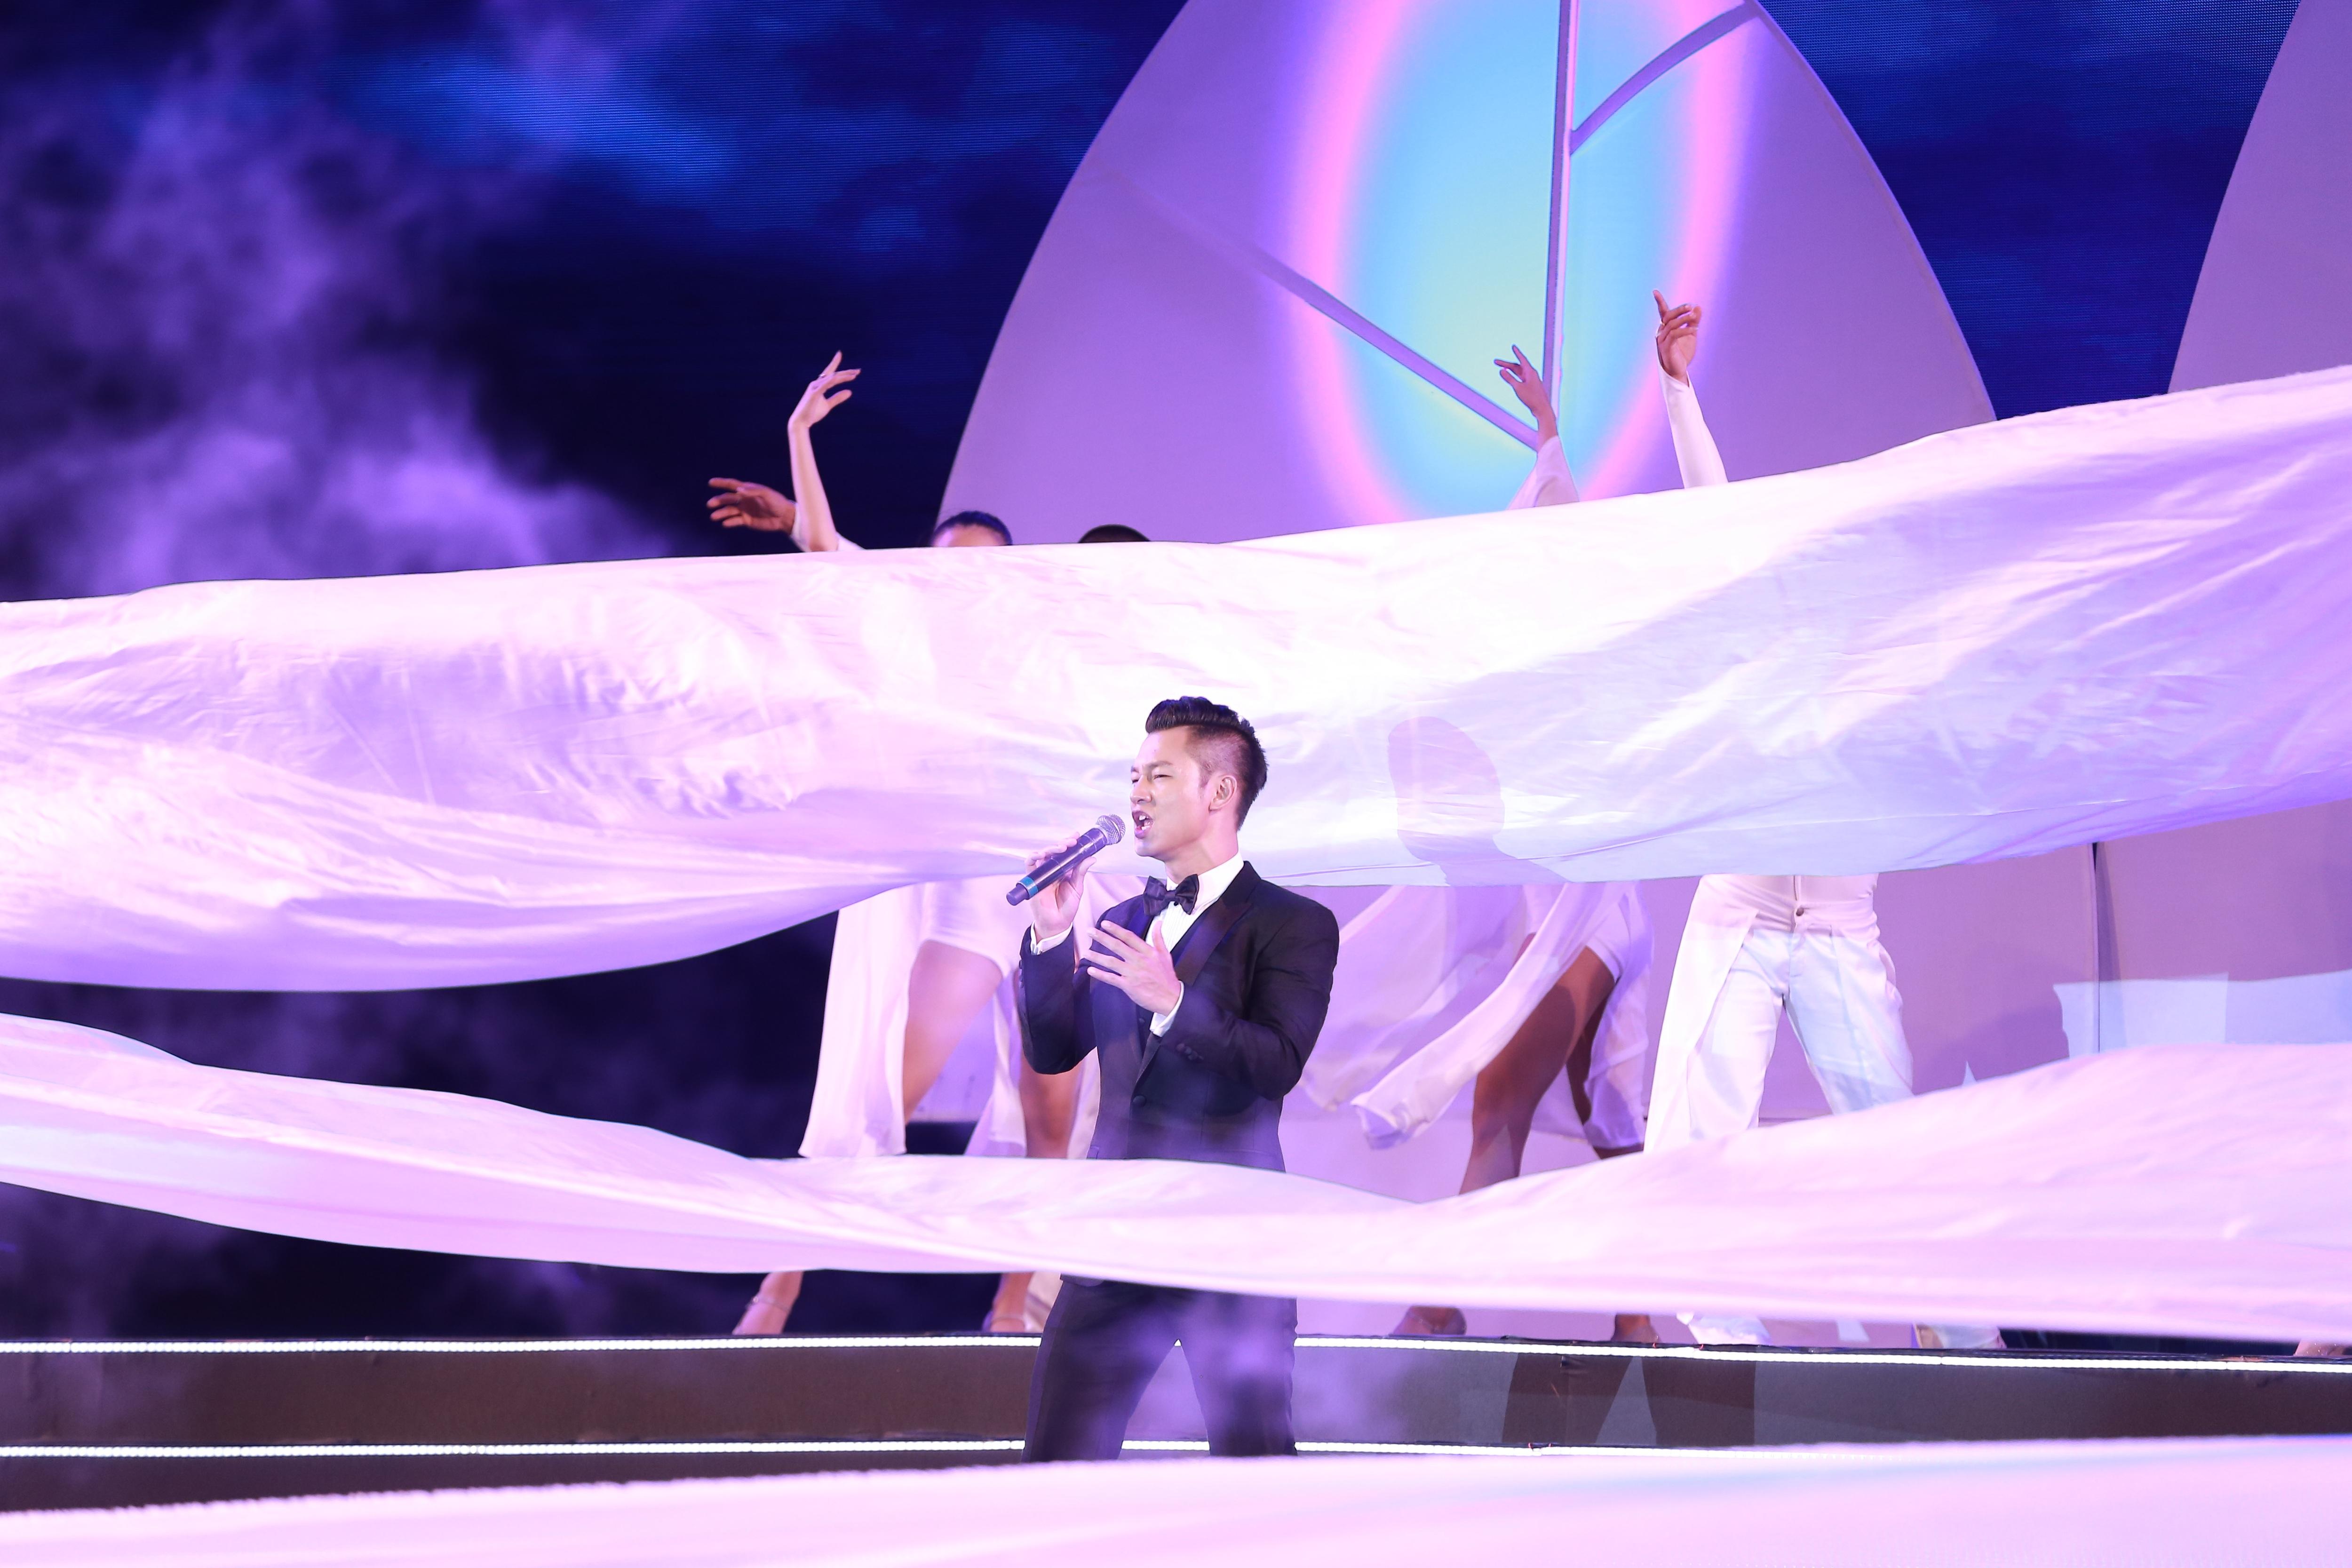 Ca sĩ Đức Tuần biểu diễn cùng nhóm múa phụ hoạ.